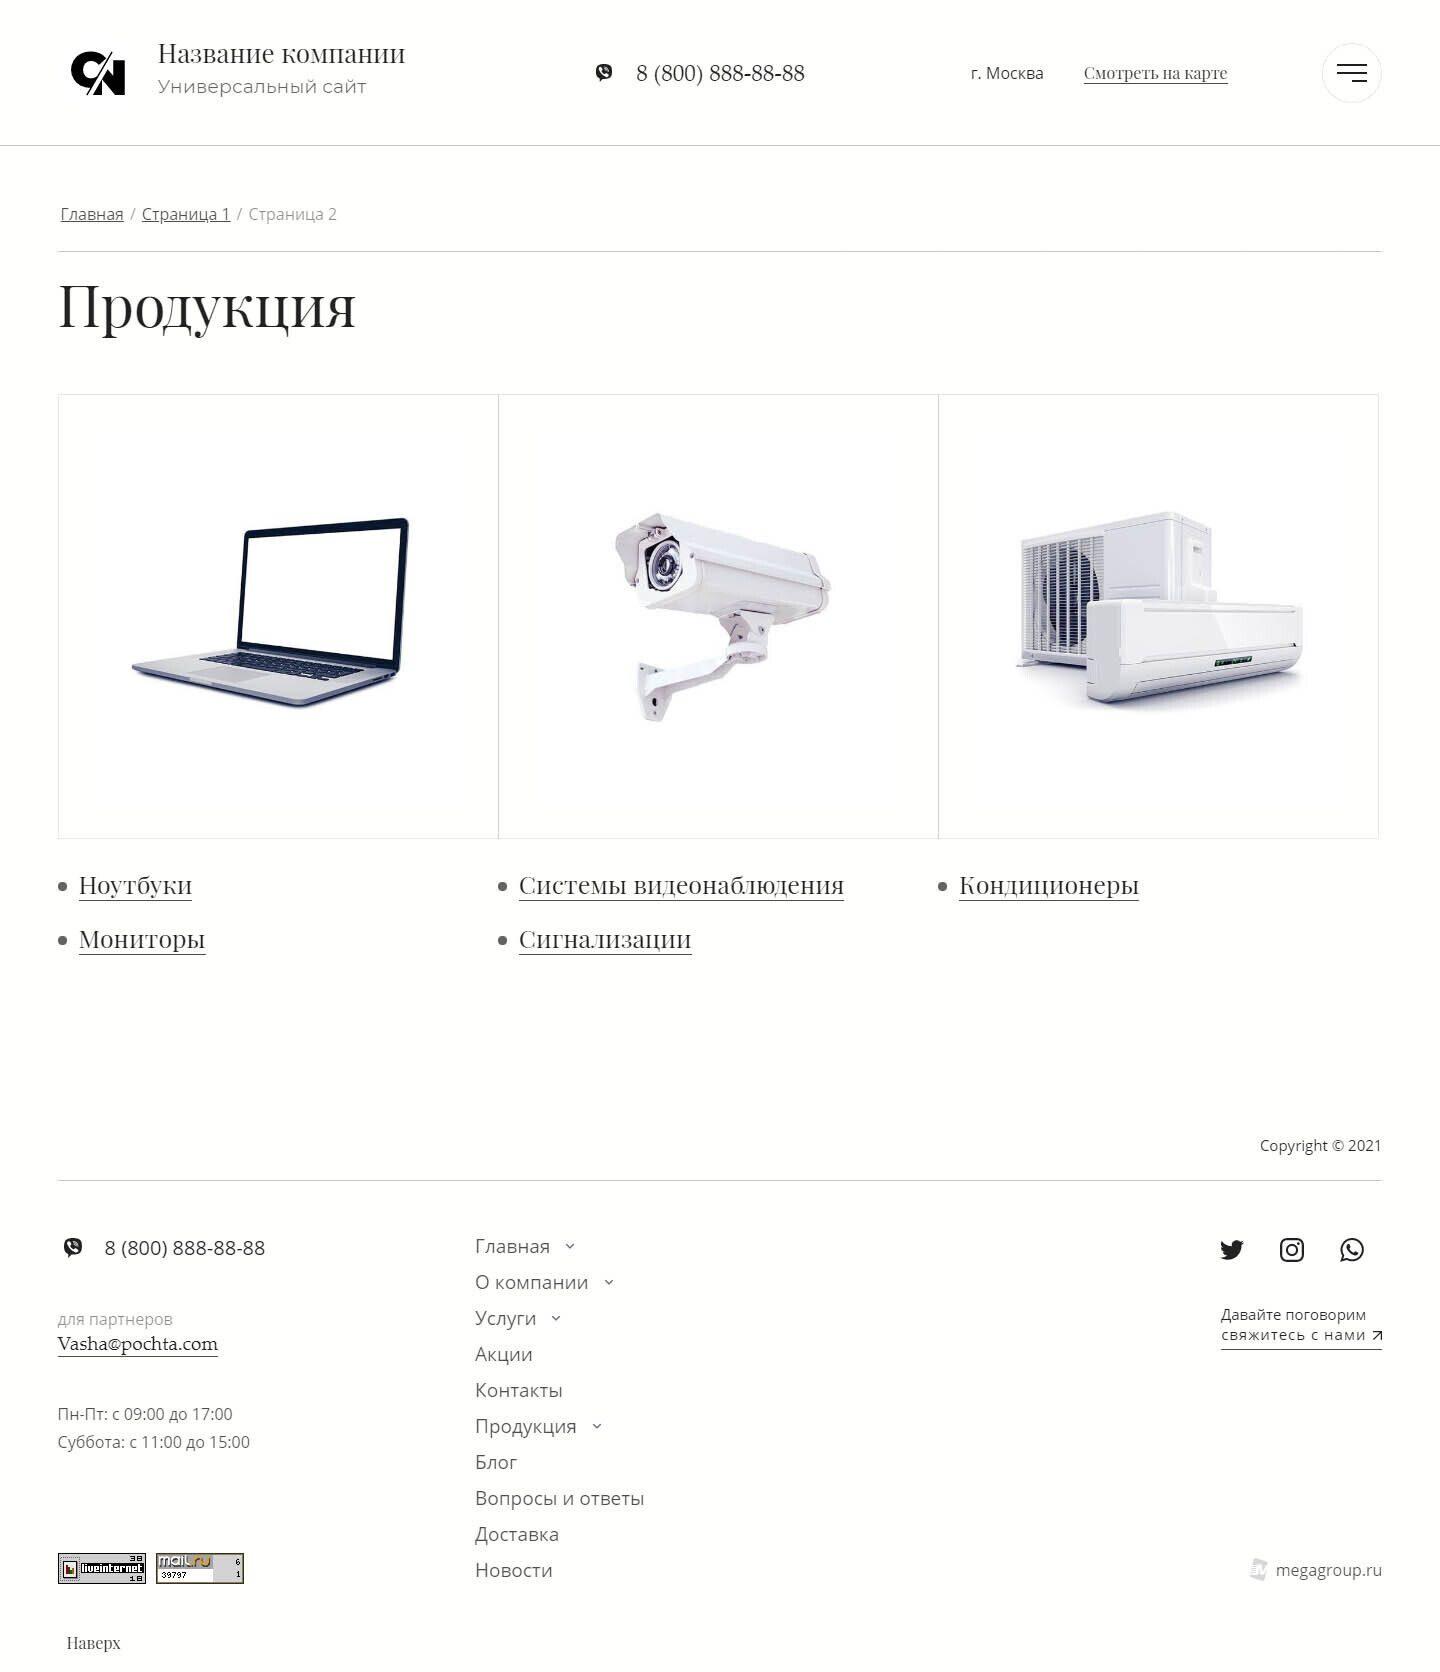 Готовый Сайт-Бизнес #2990750 - Универсальный дизайн (Продукция)